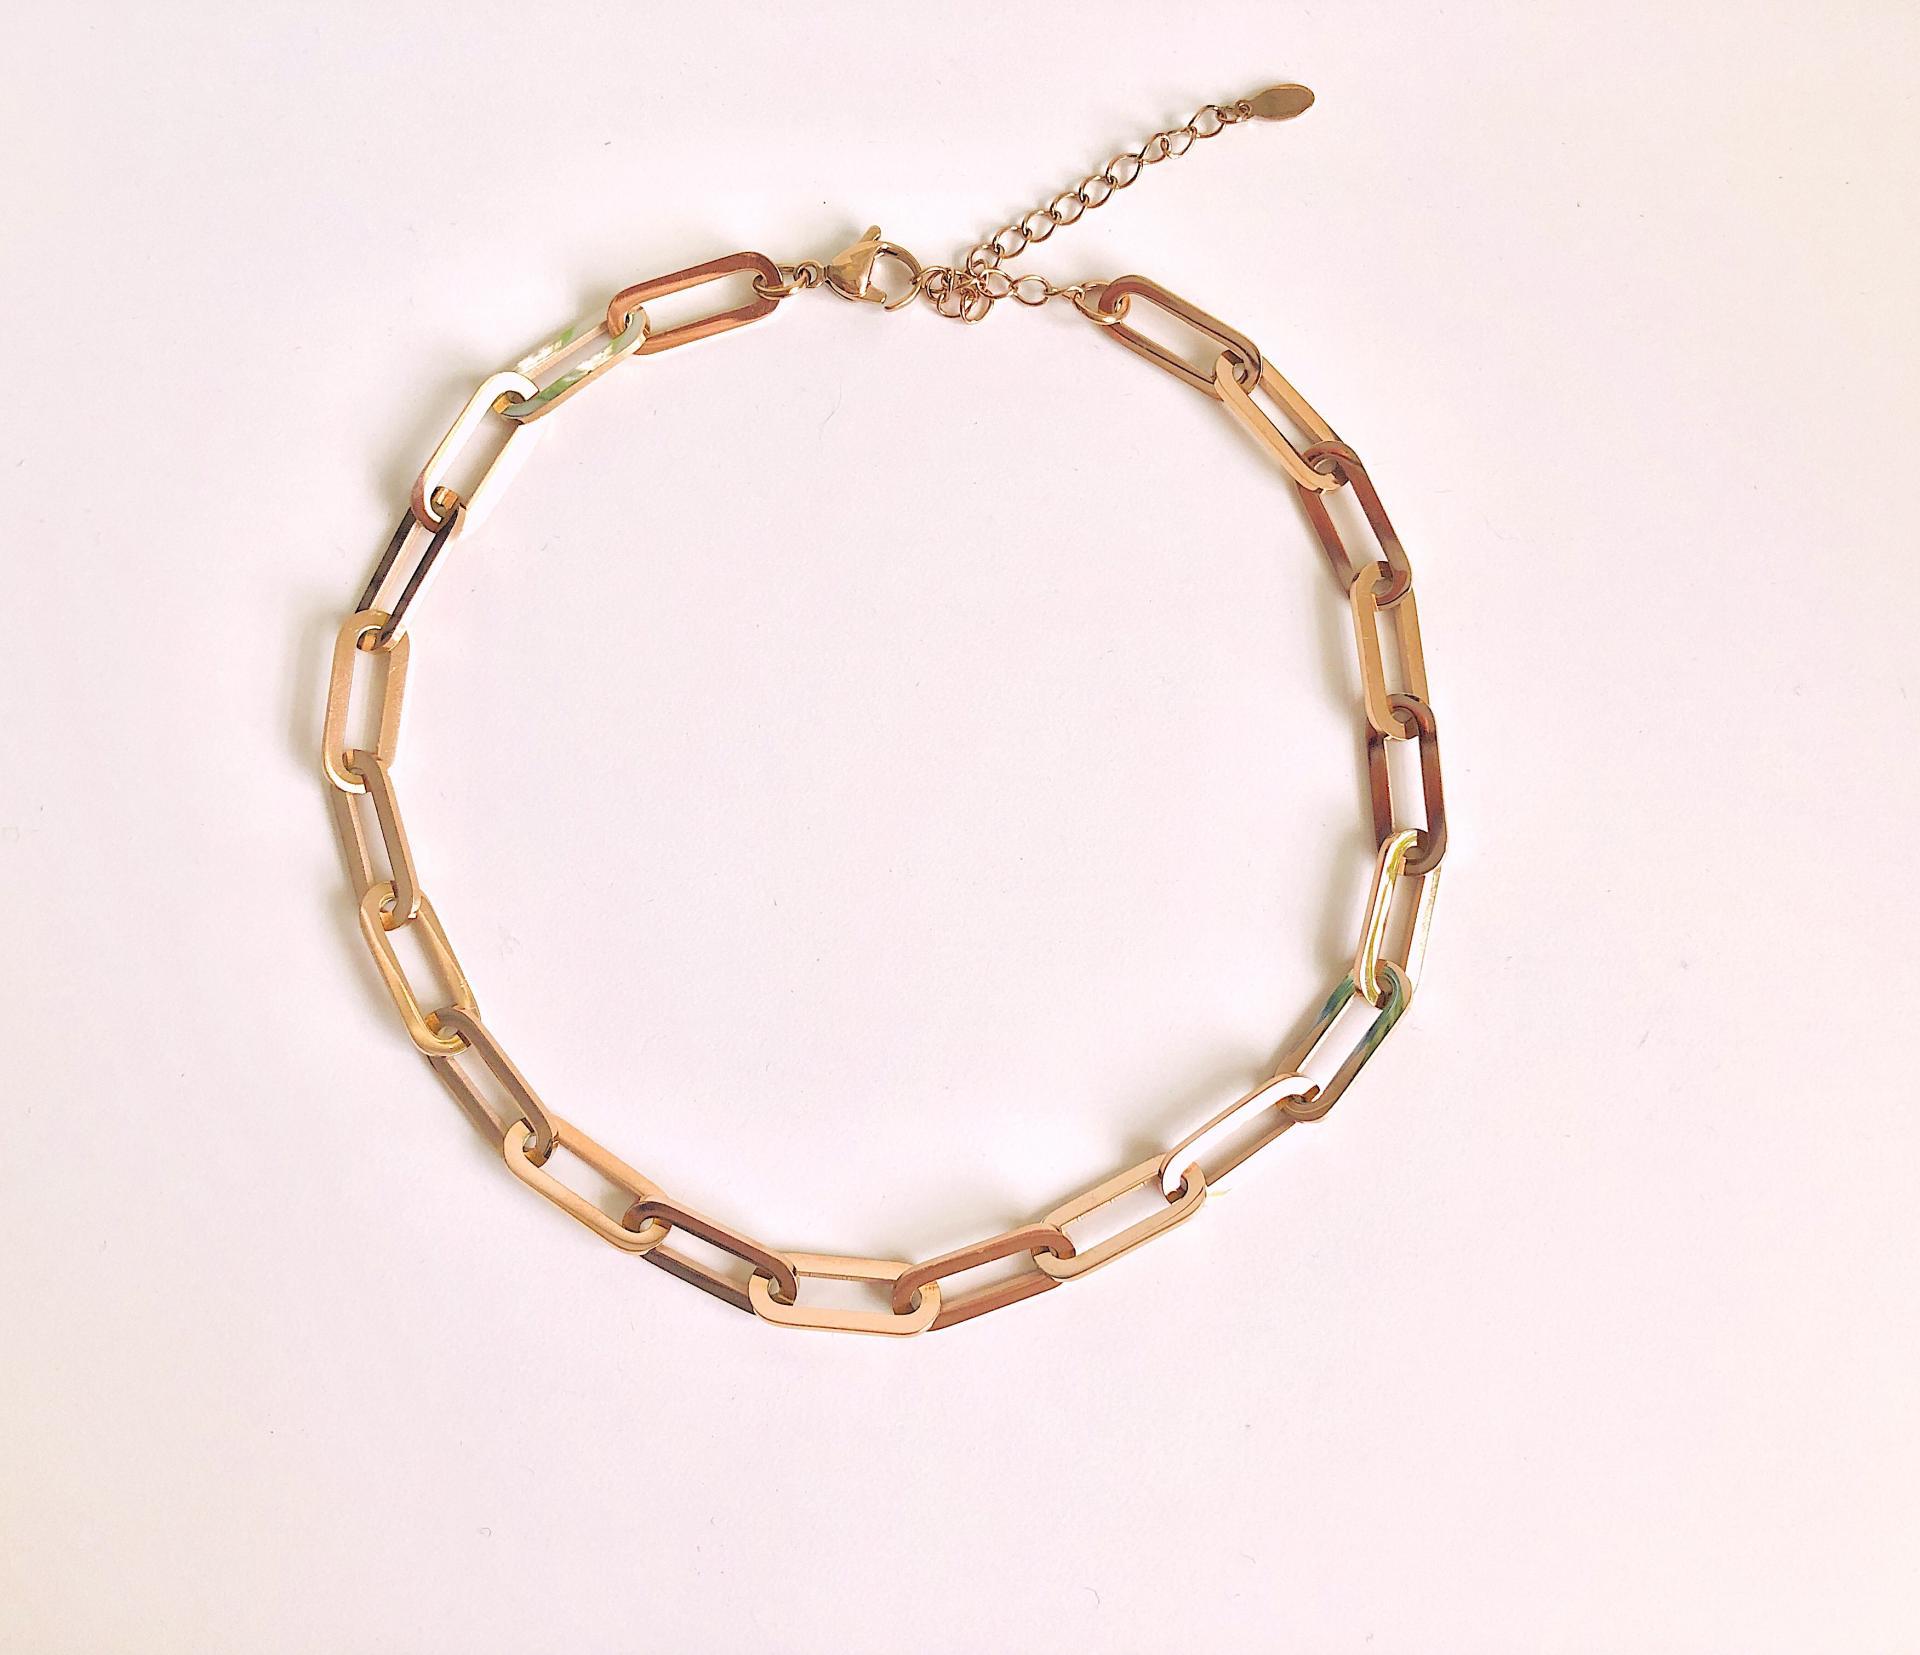 Gargantilla o cadena de acero con eslabones rosados